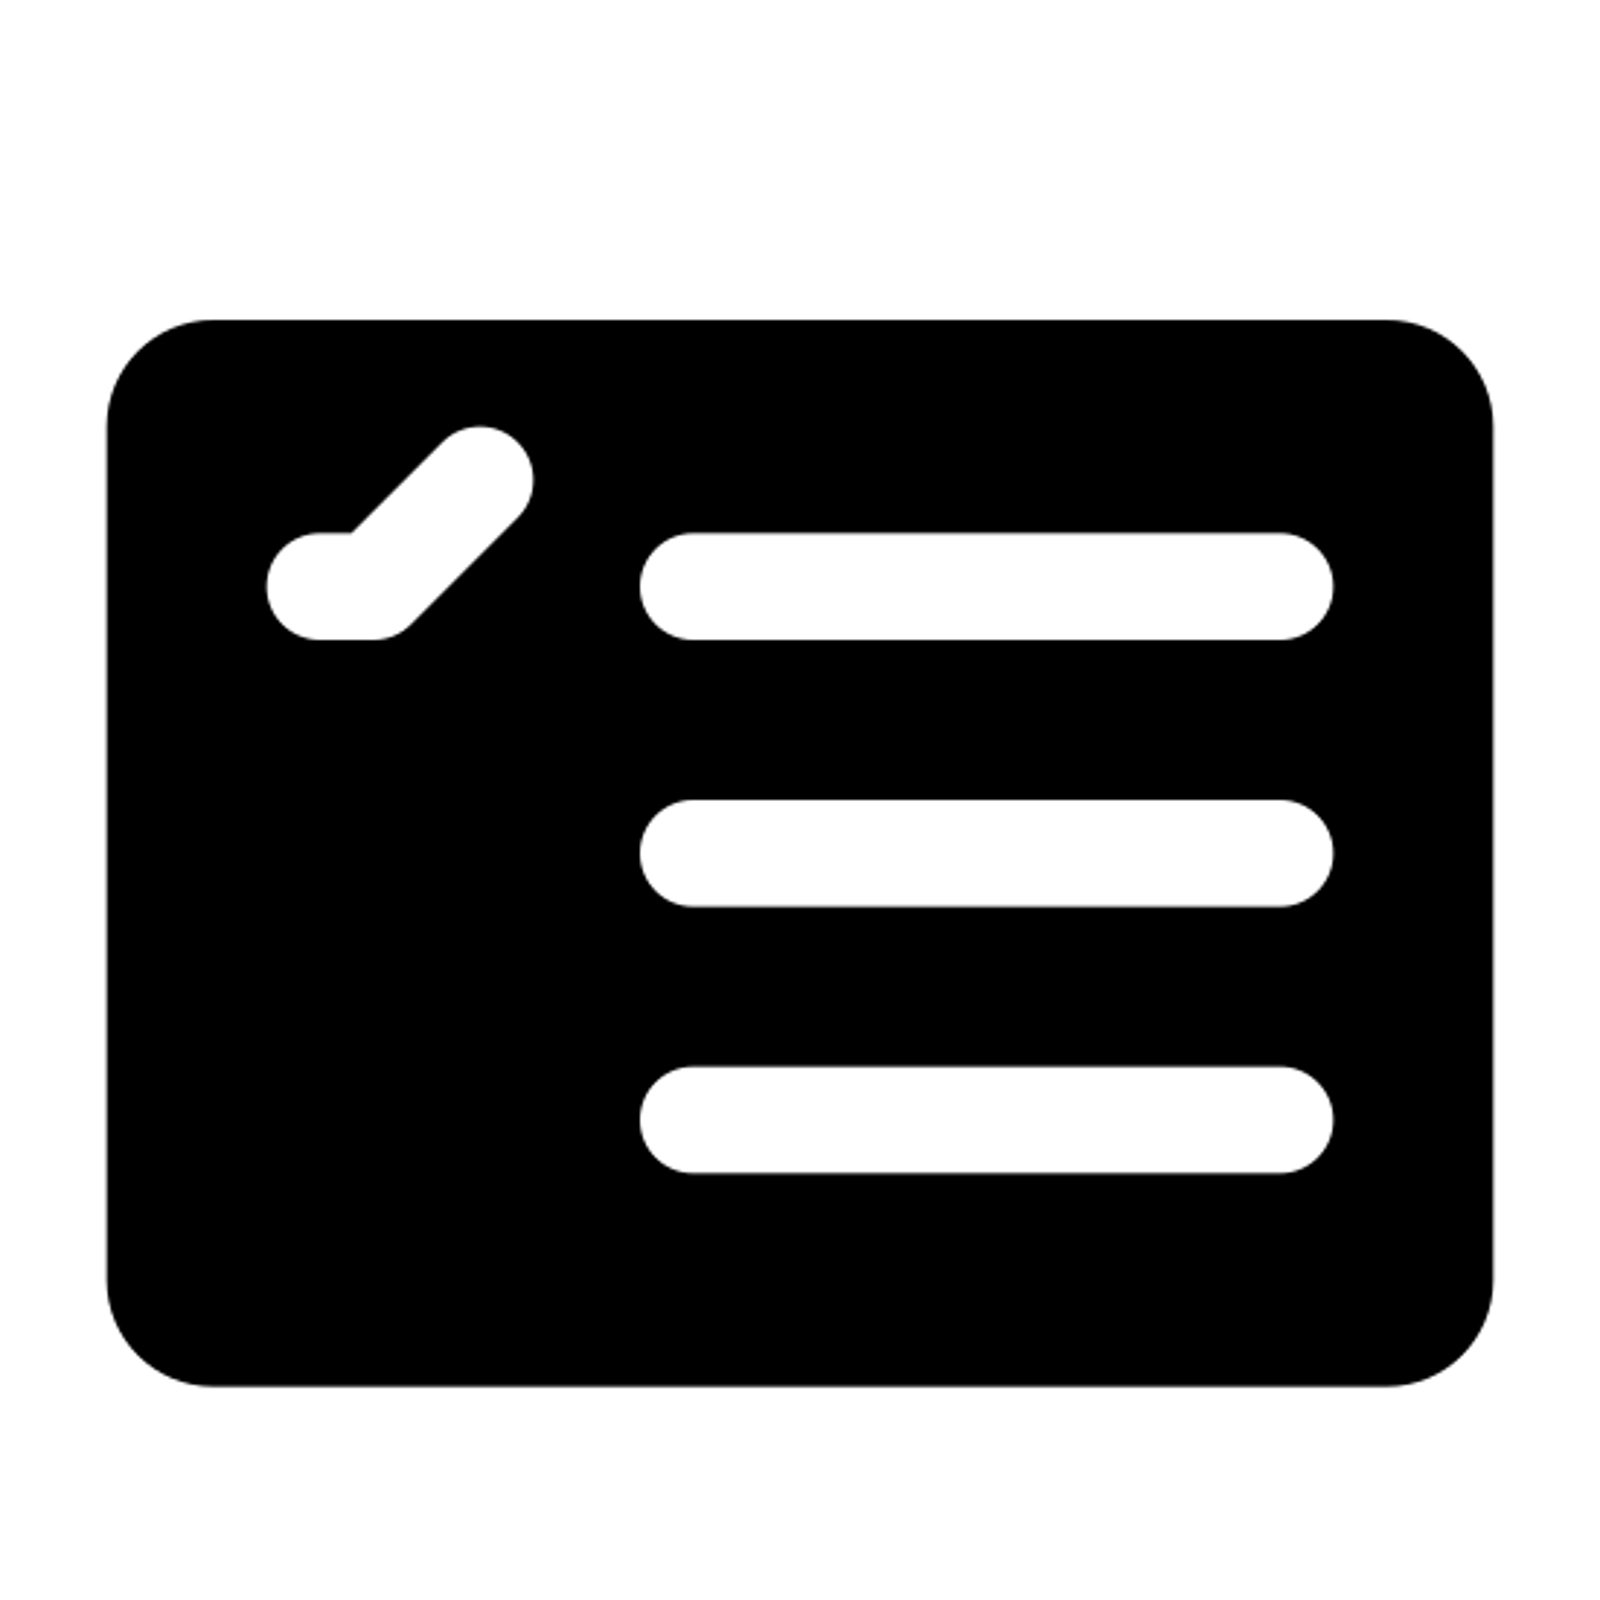 Tasklist icon